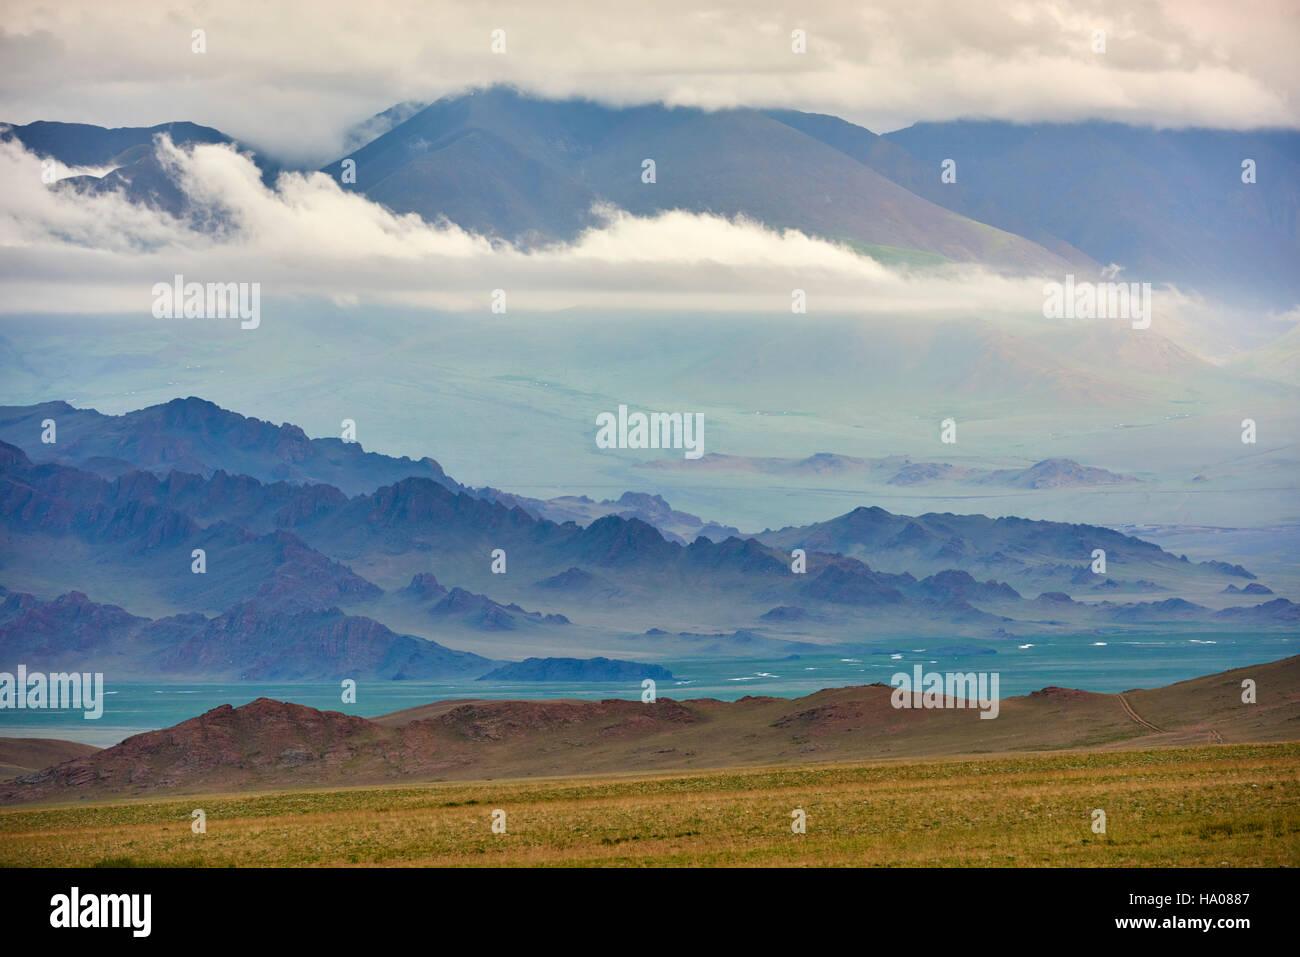 La Mongolie, Bayan-Ulgii province, l'ouest de la Mongolie, les montagnes colorées de l'Altay Photo Stock